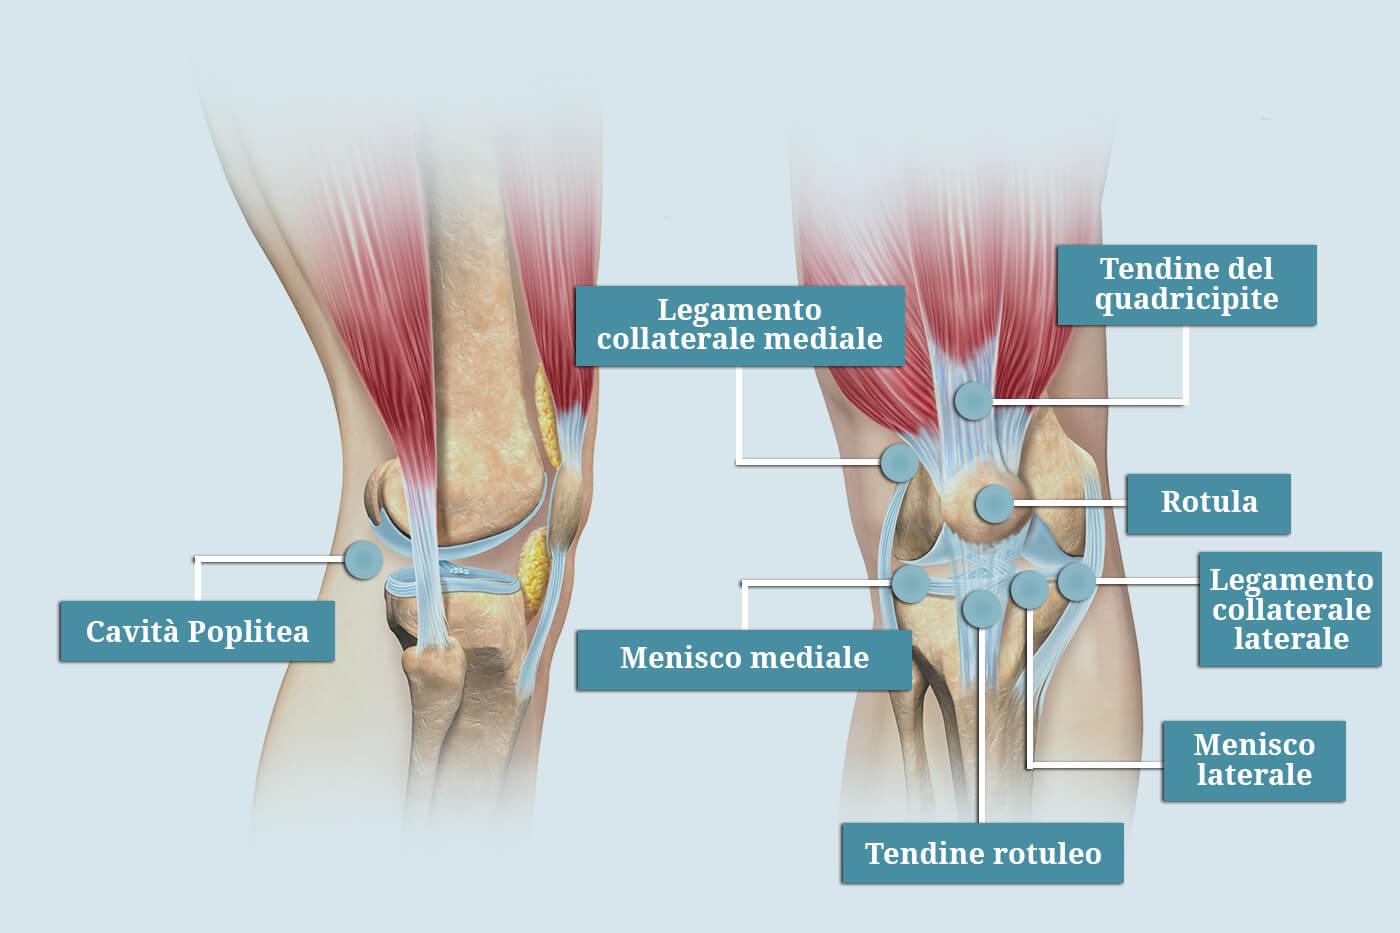 Dov'è localizzato il dolore al ginocchio?